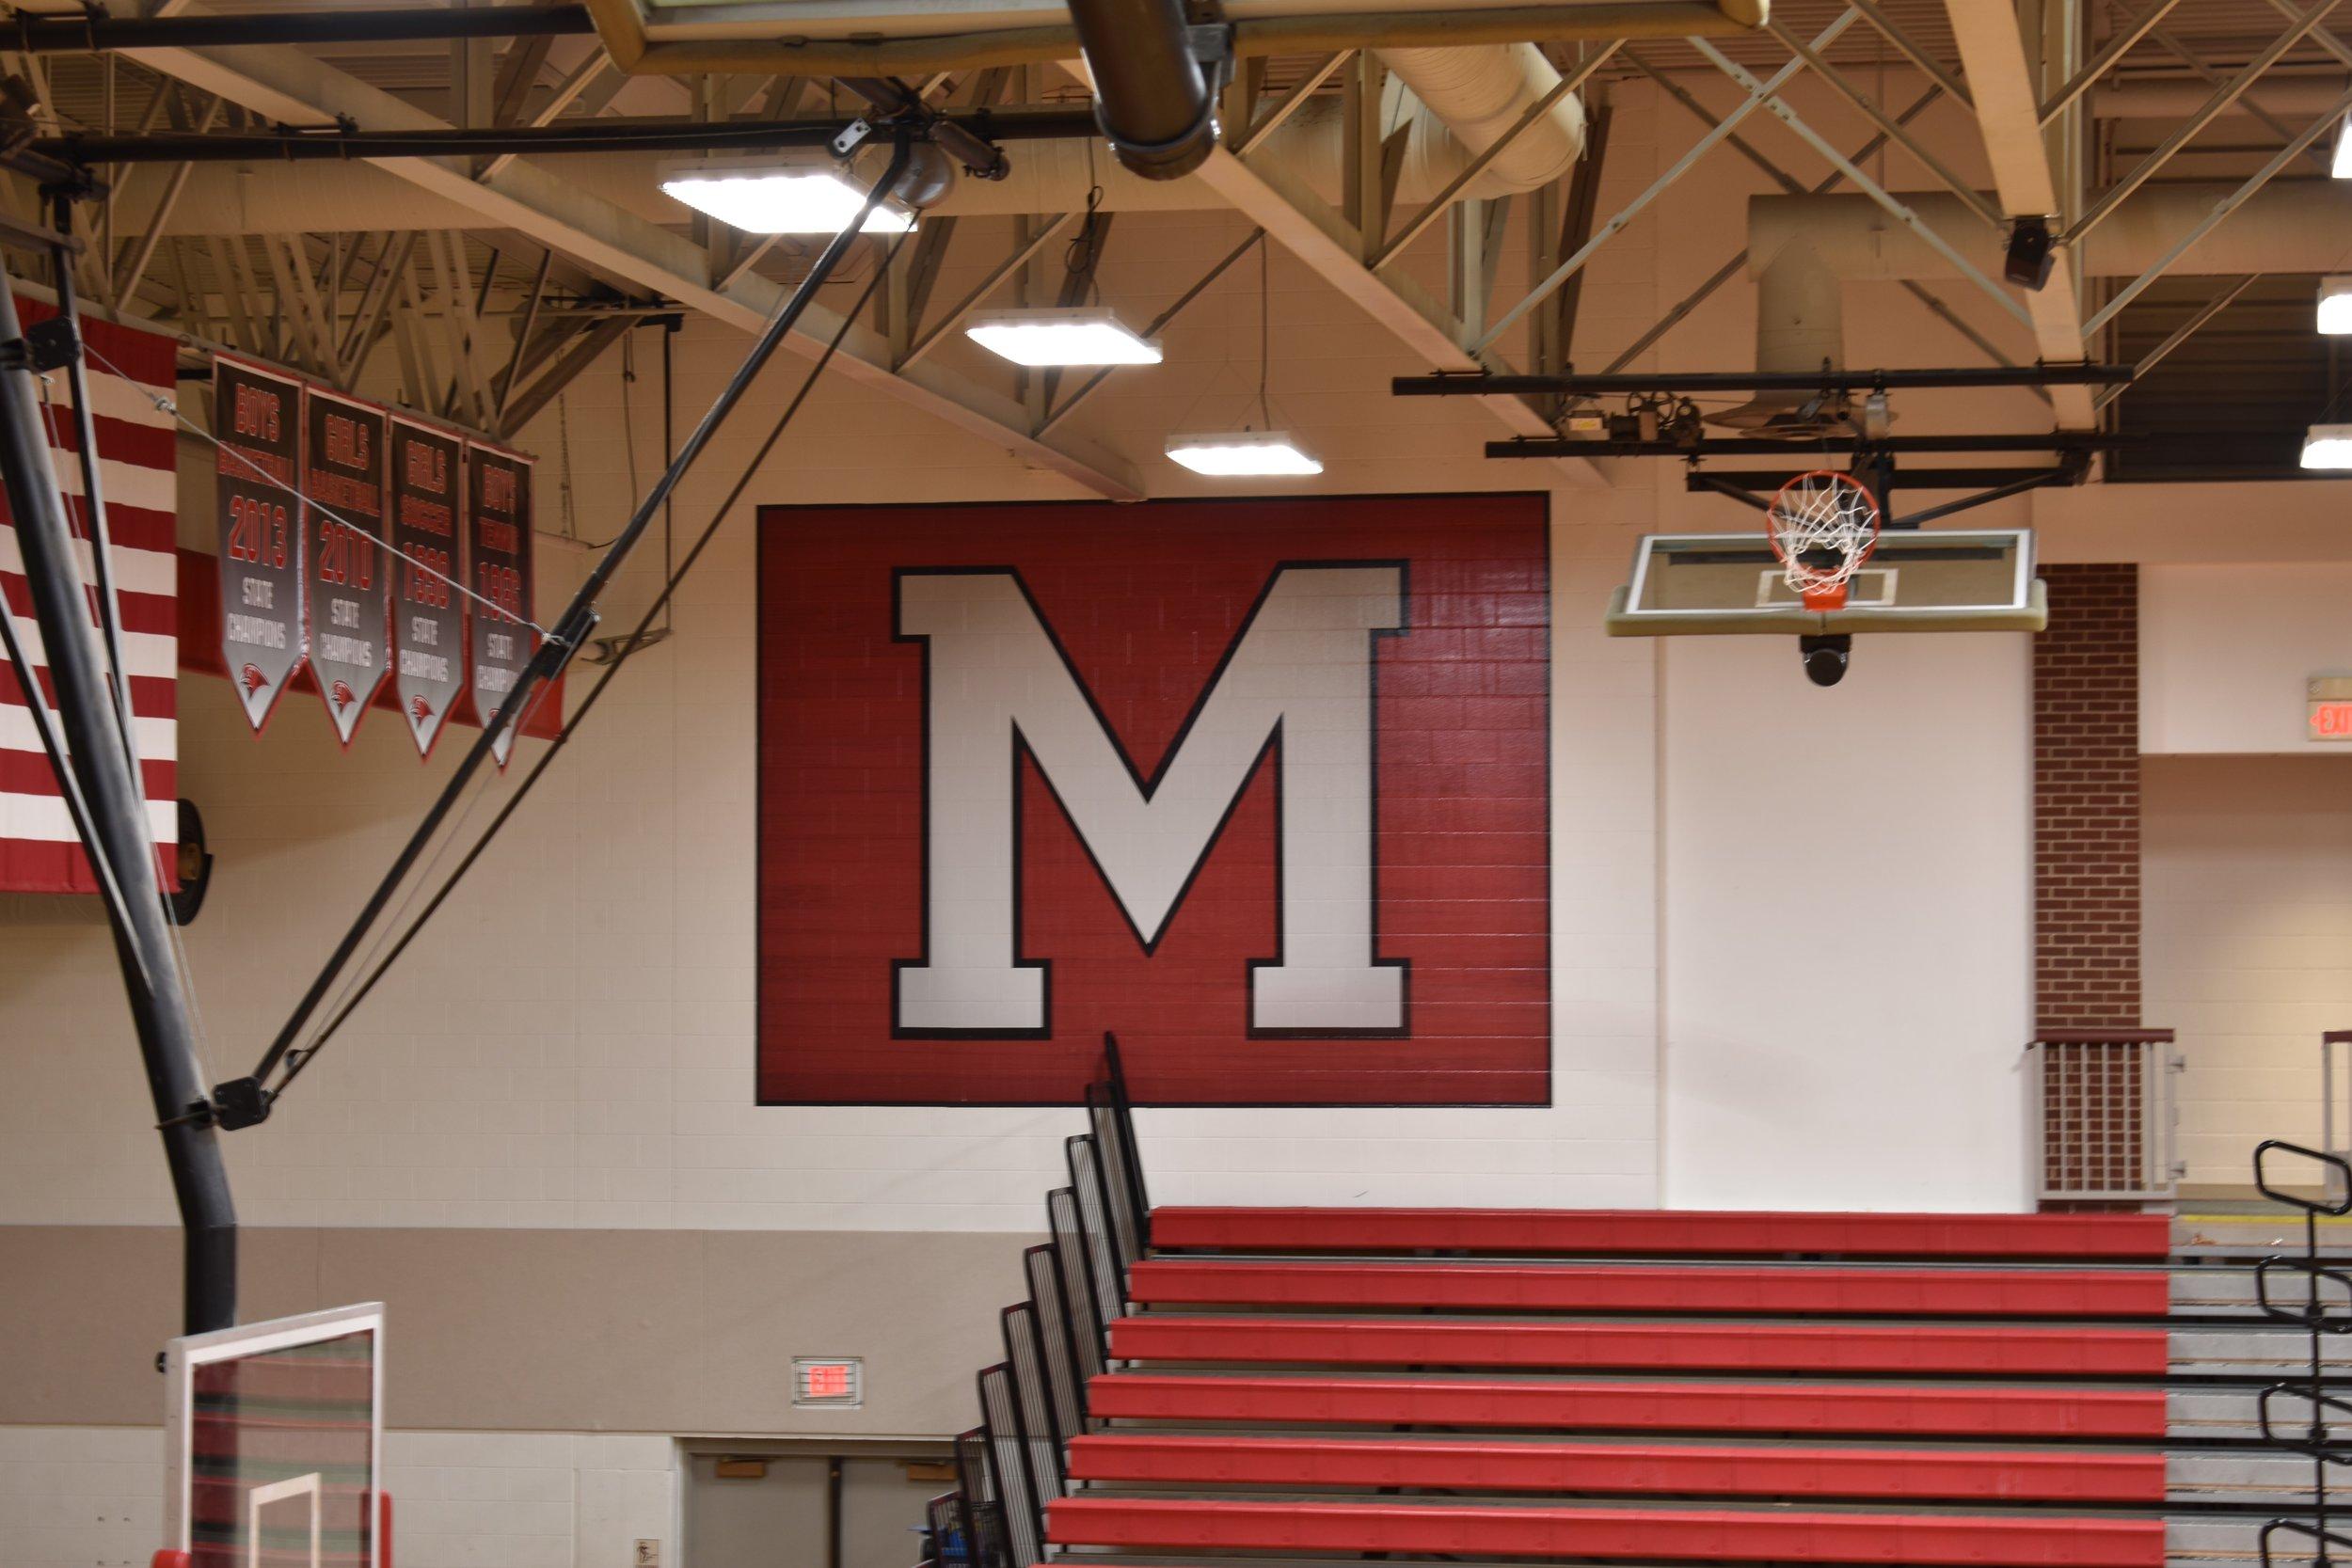 High school gym wrap